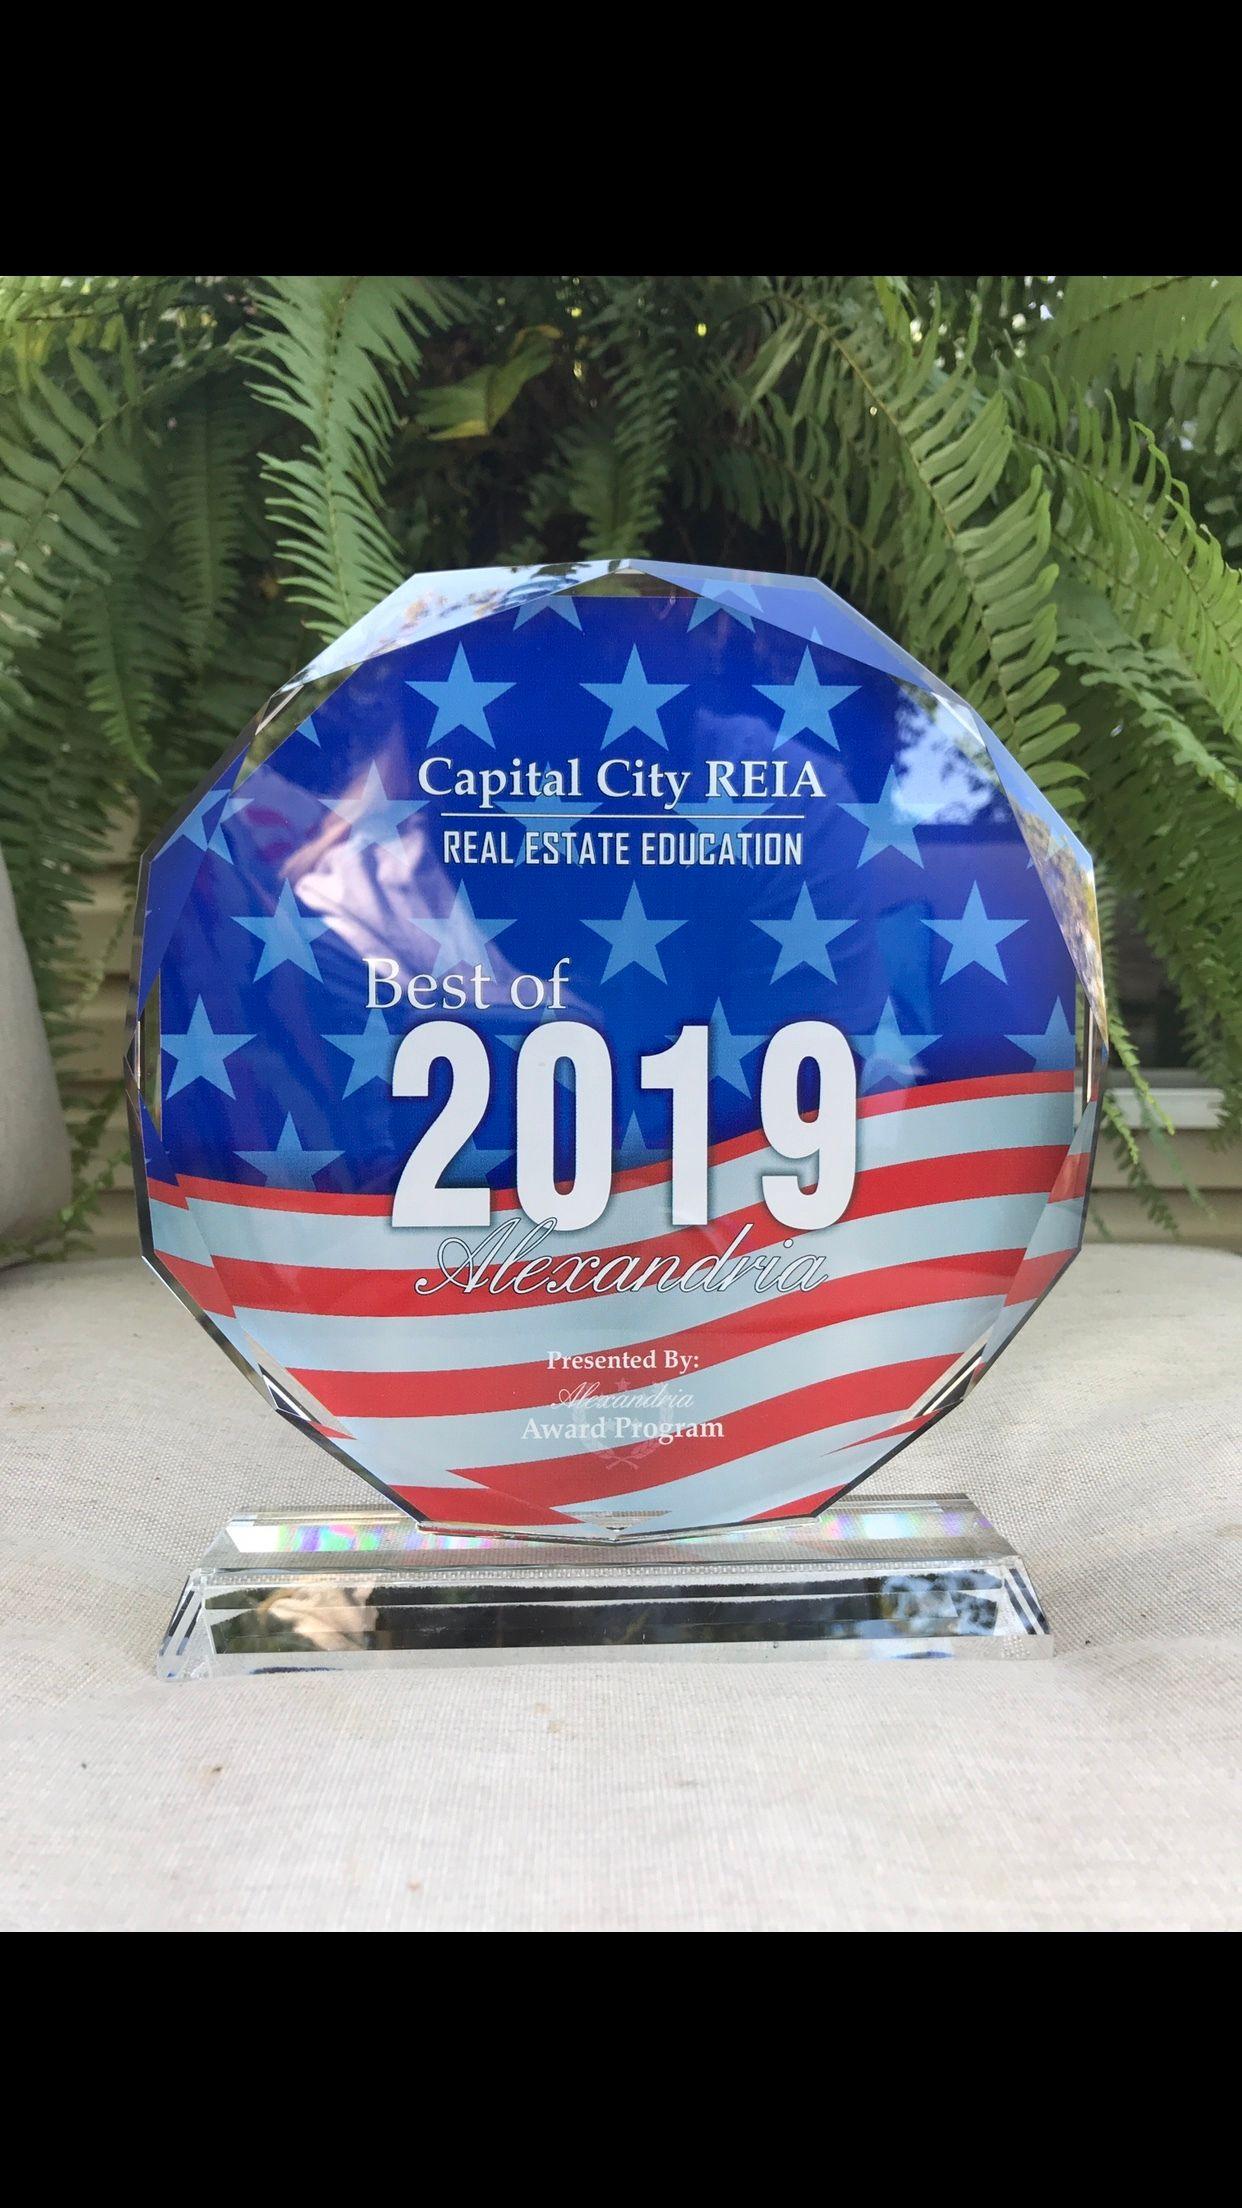 Capital City REIA